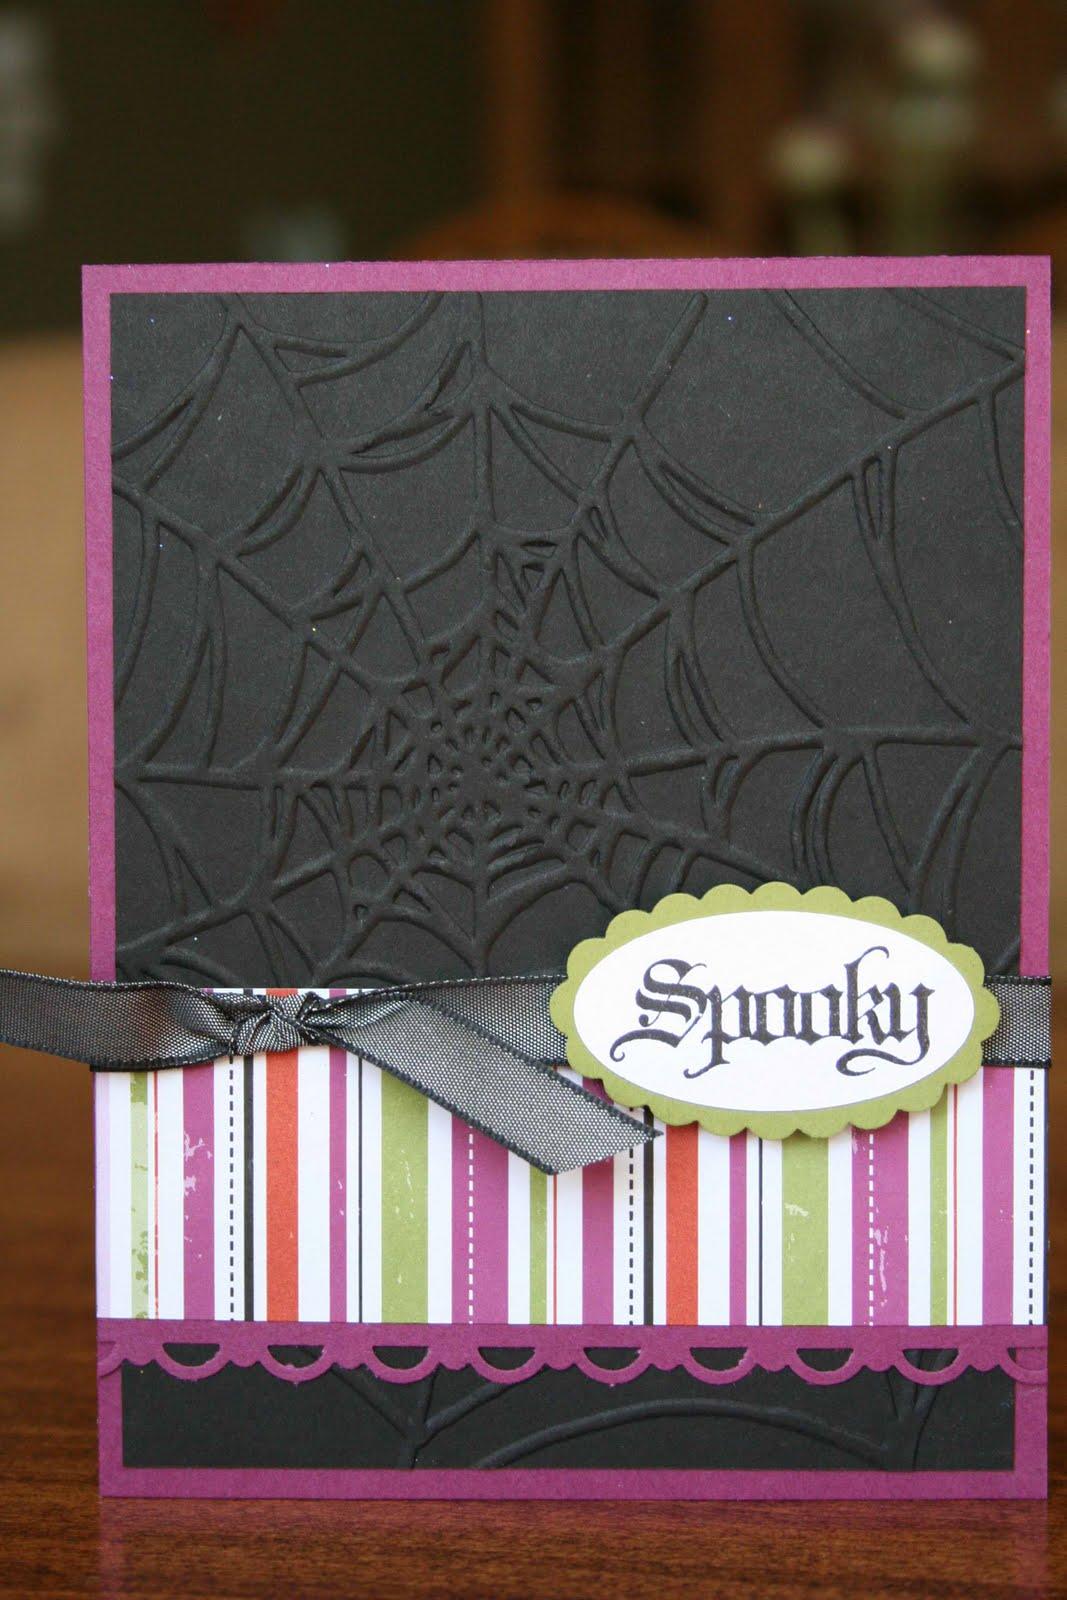 http://2.bp.blogspot.com/_o4A4DLR00F0/TGROIABHmYI/AAAAAAAAAic/URzXHEqGX5Y/s1600/Spooky.jpg